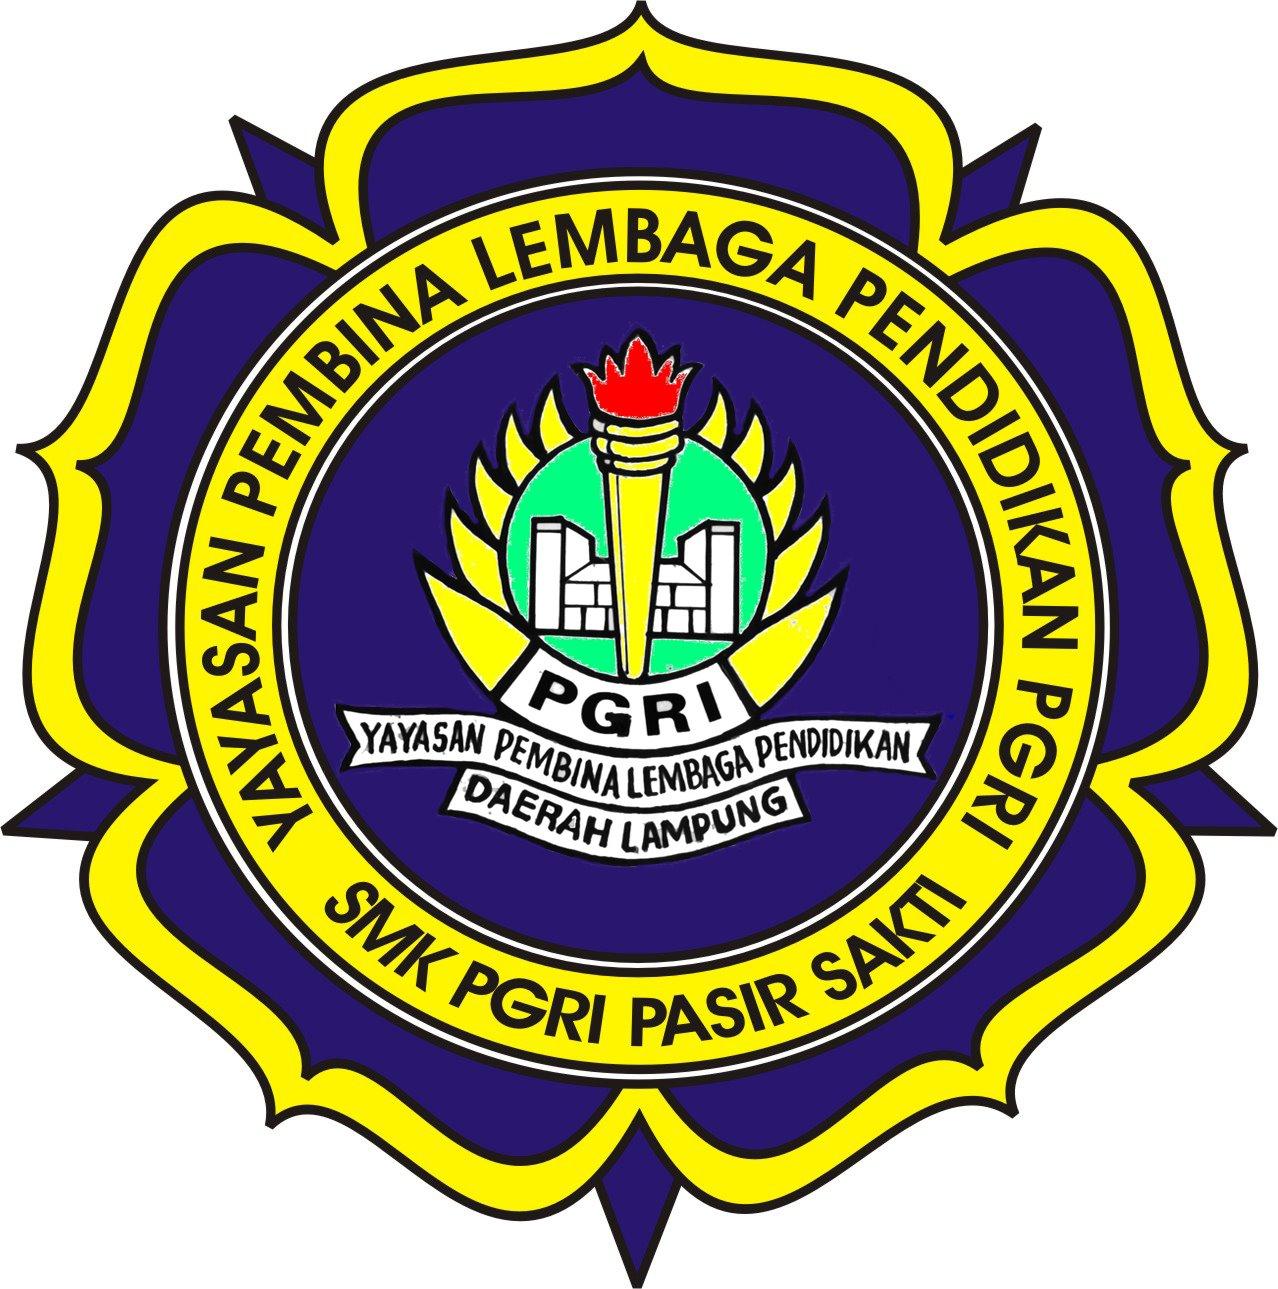 Tour And Travel Jual Tiket Promo Jasa Antar Jemput: Usaha Warnet Logo 3519582